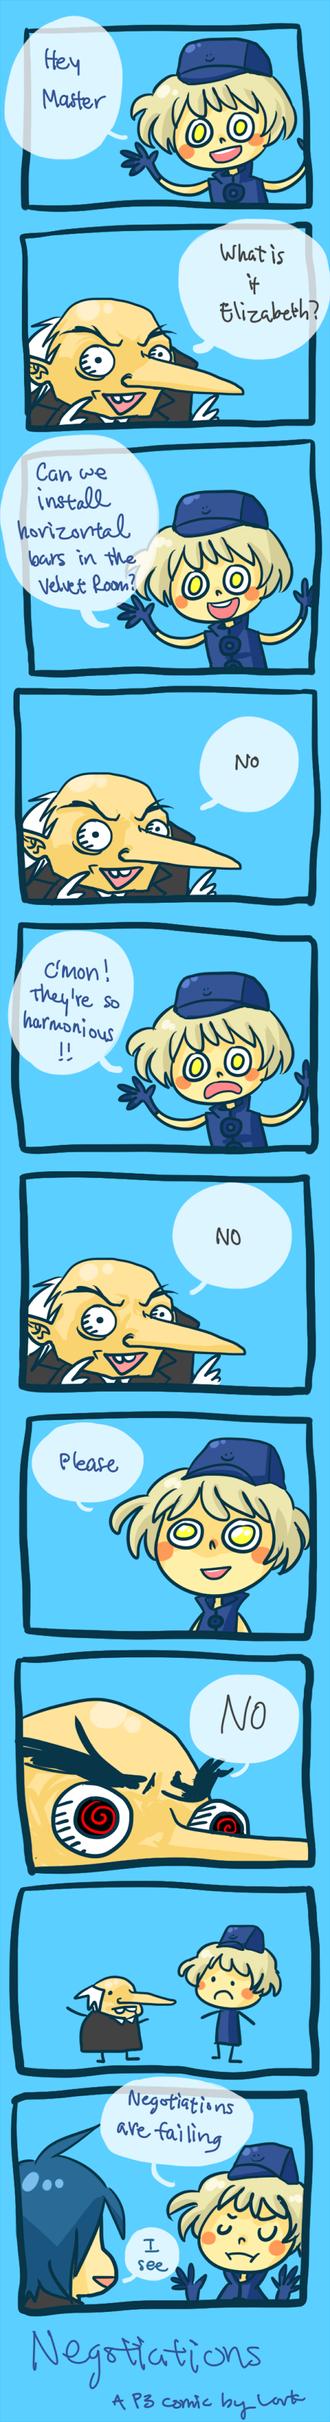 Negotiations by LarkIsMyName